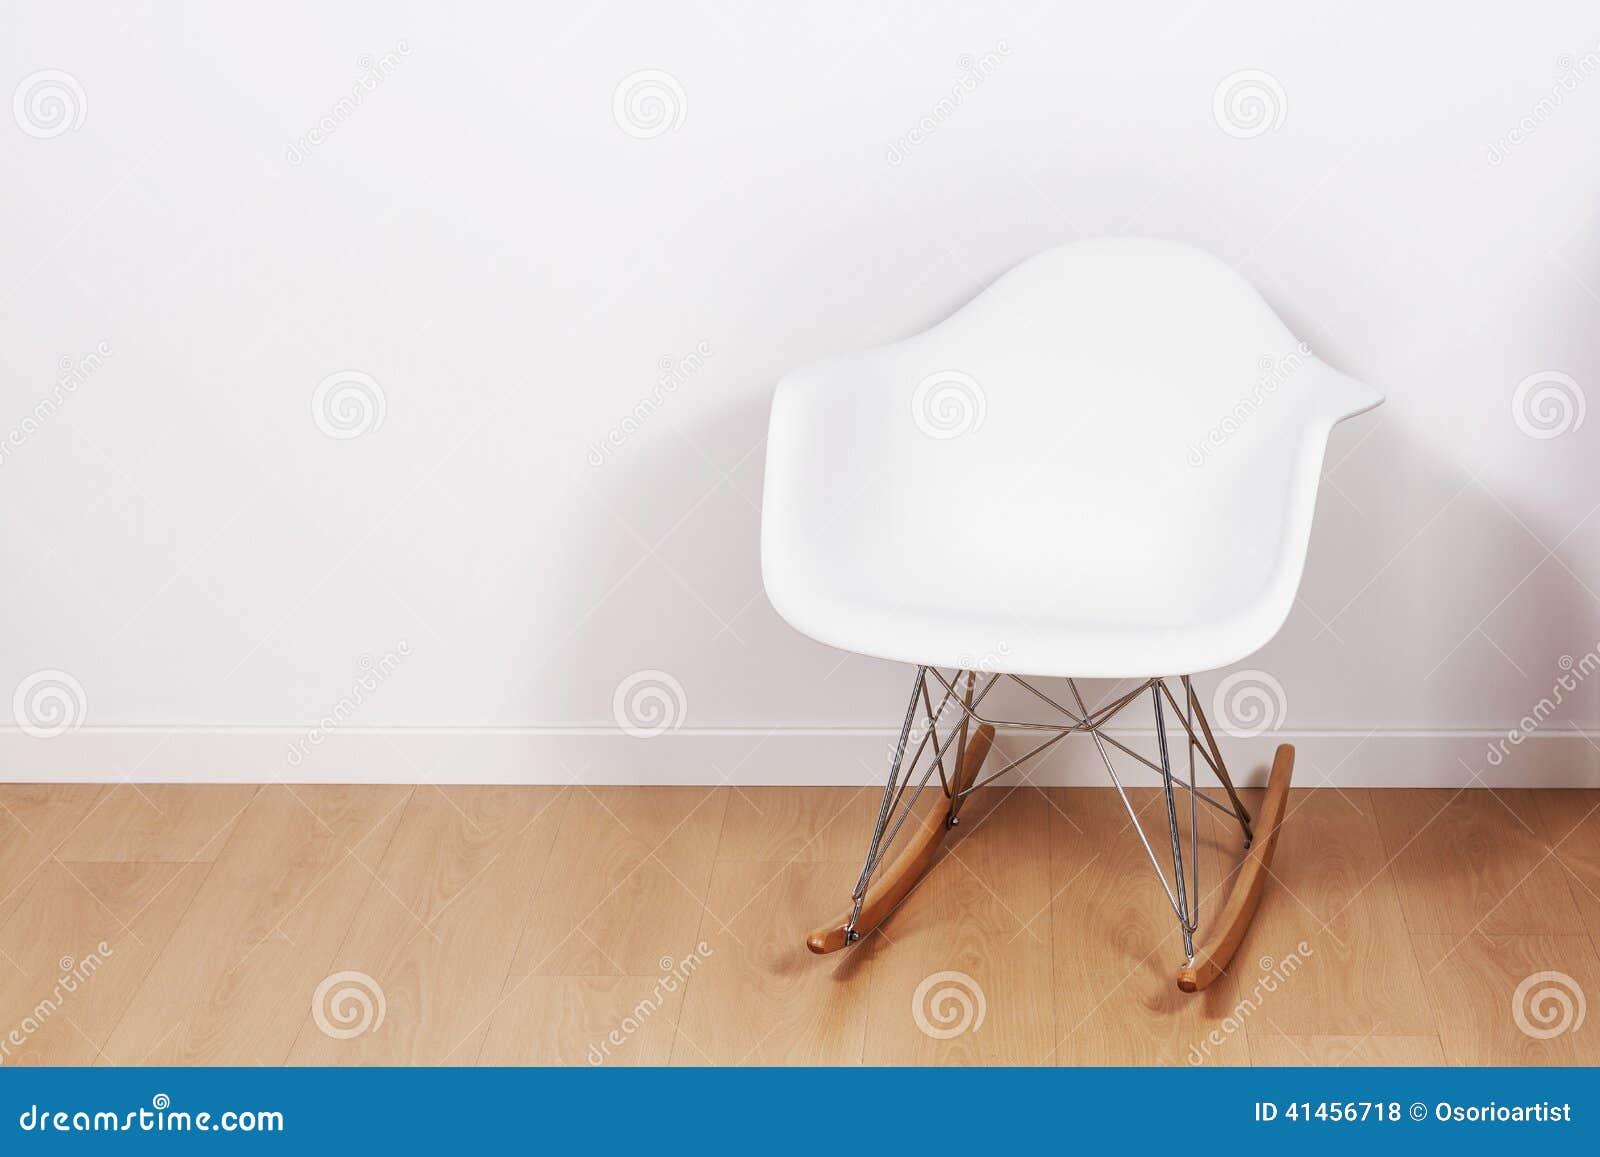 moderner weißer schaukelstuhl und wand stockfoto - bild von